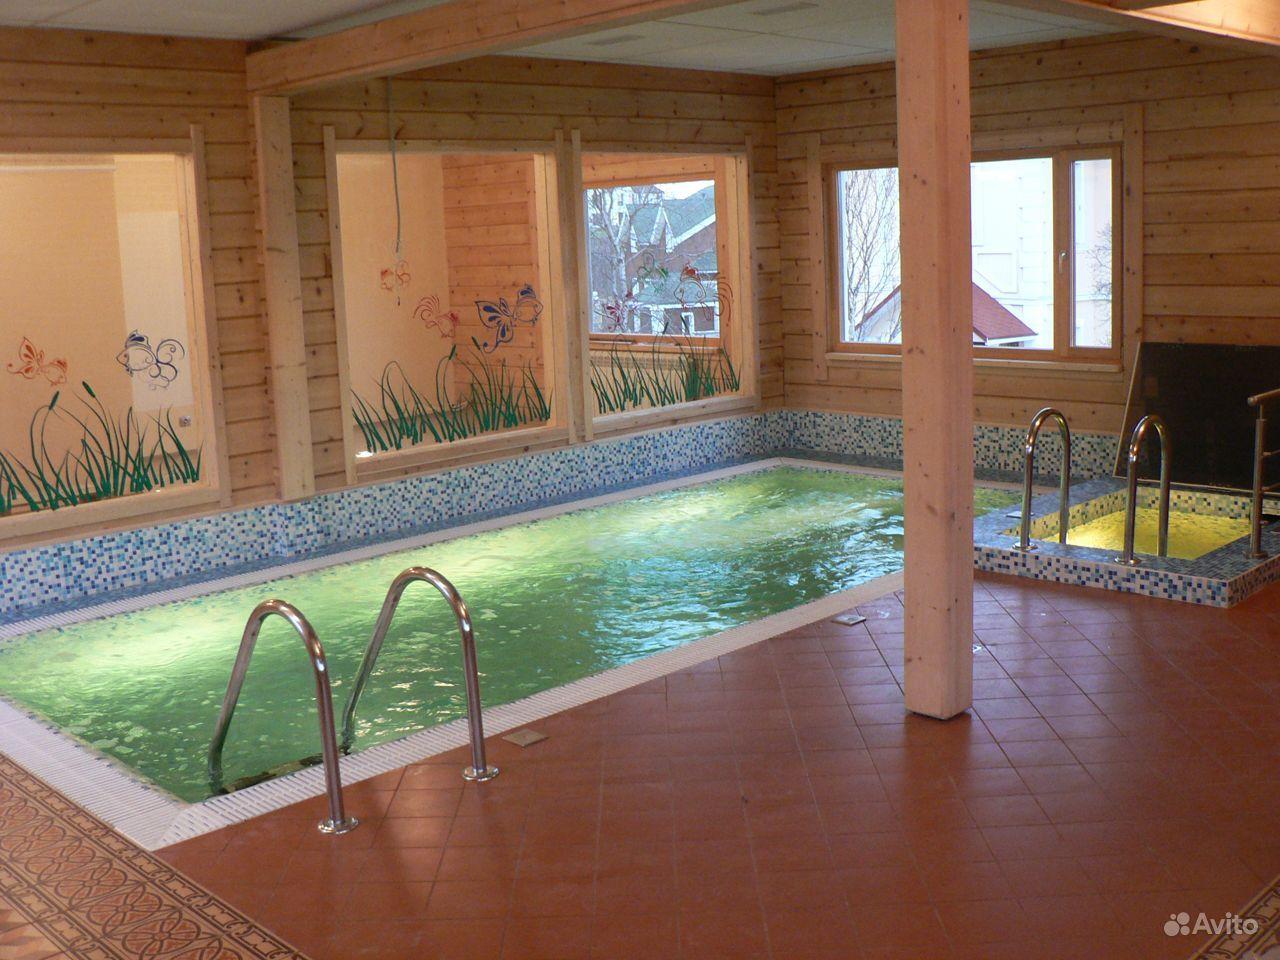 Проектирование бассейнов купить на Вуёк.ру - фотография № 1